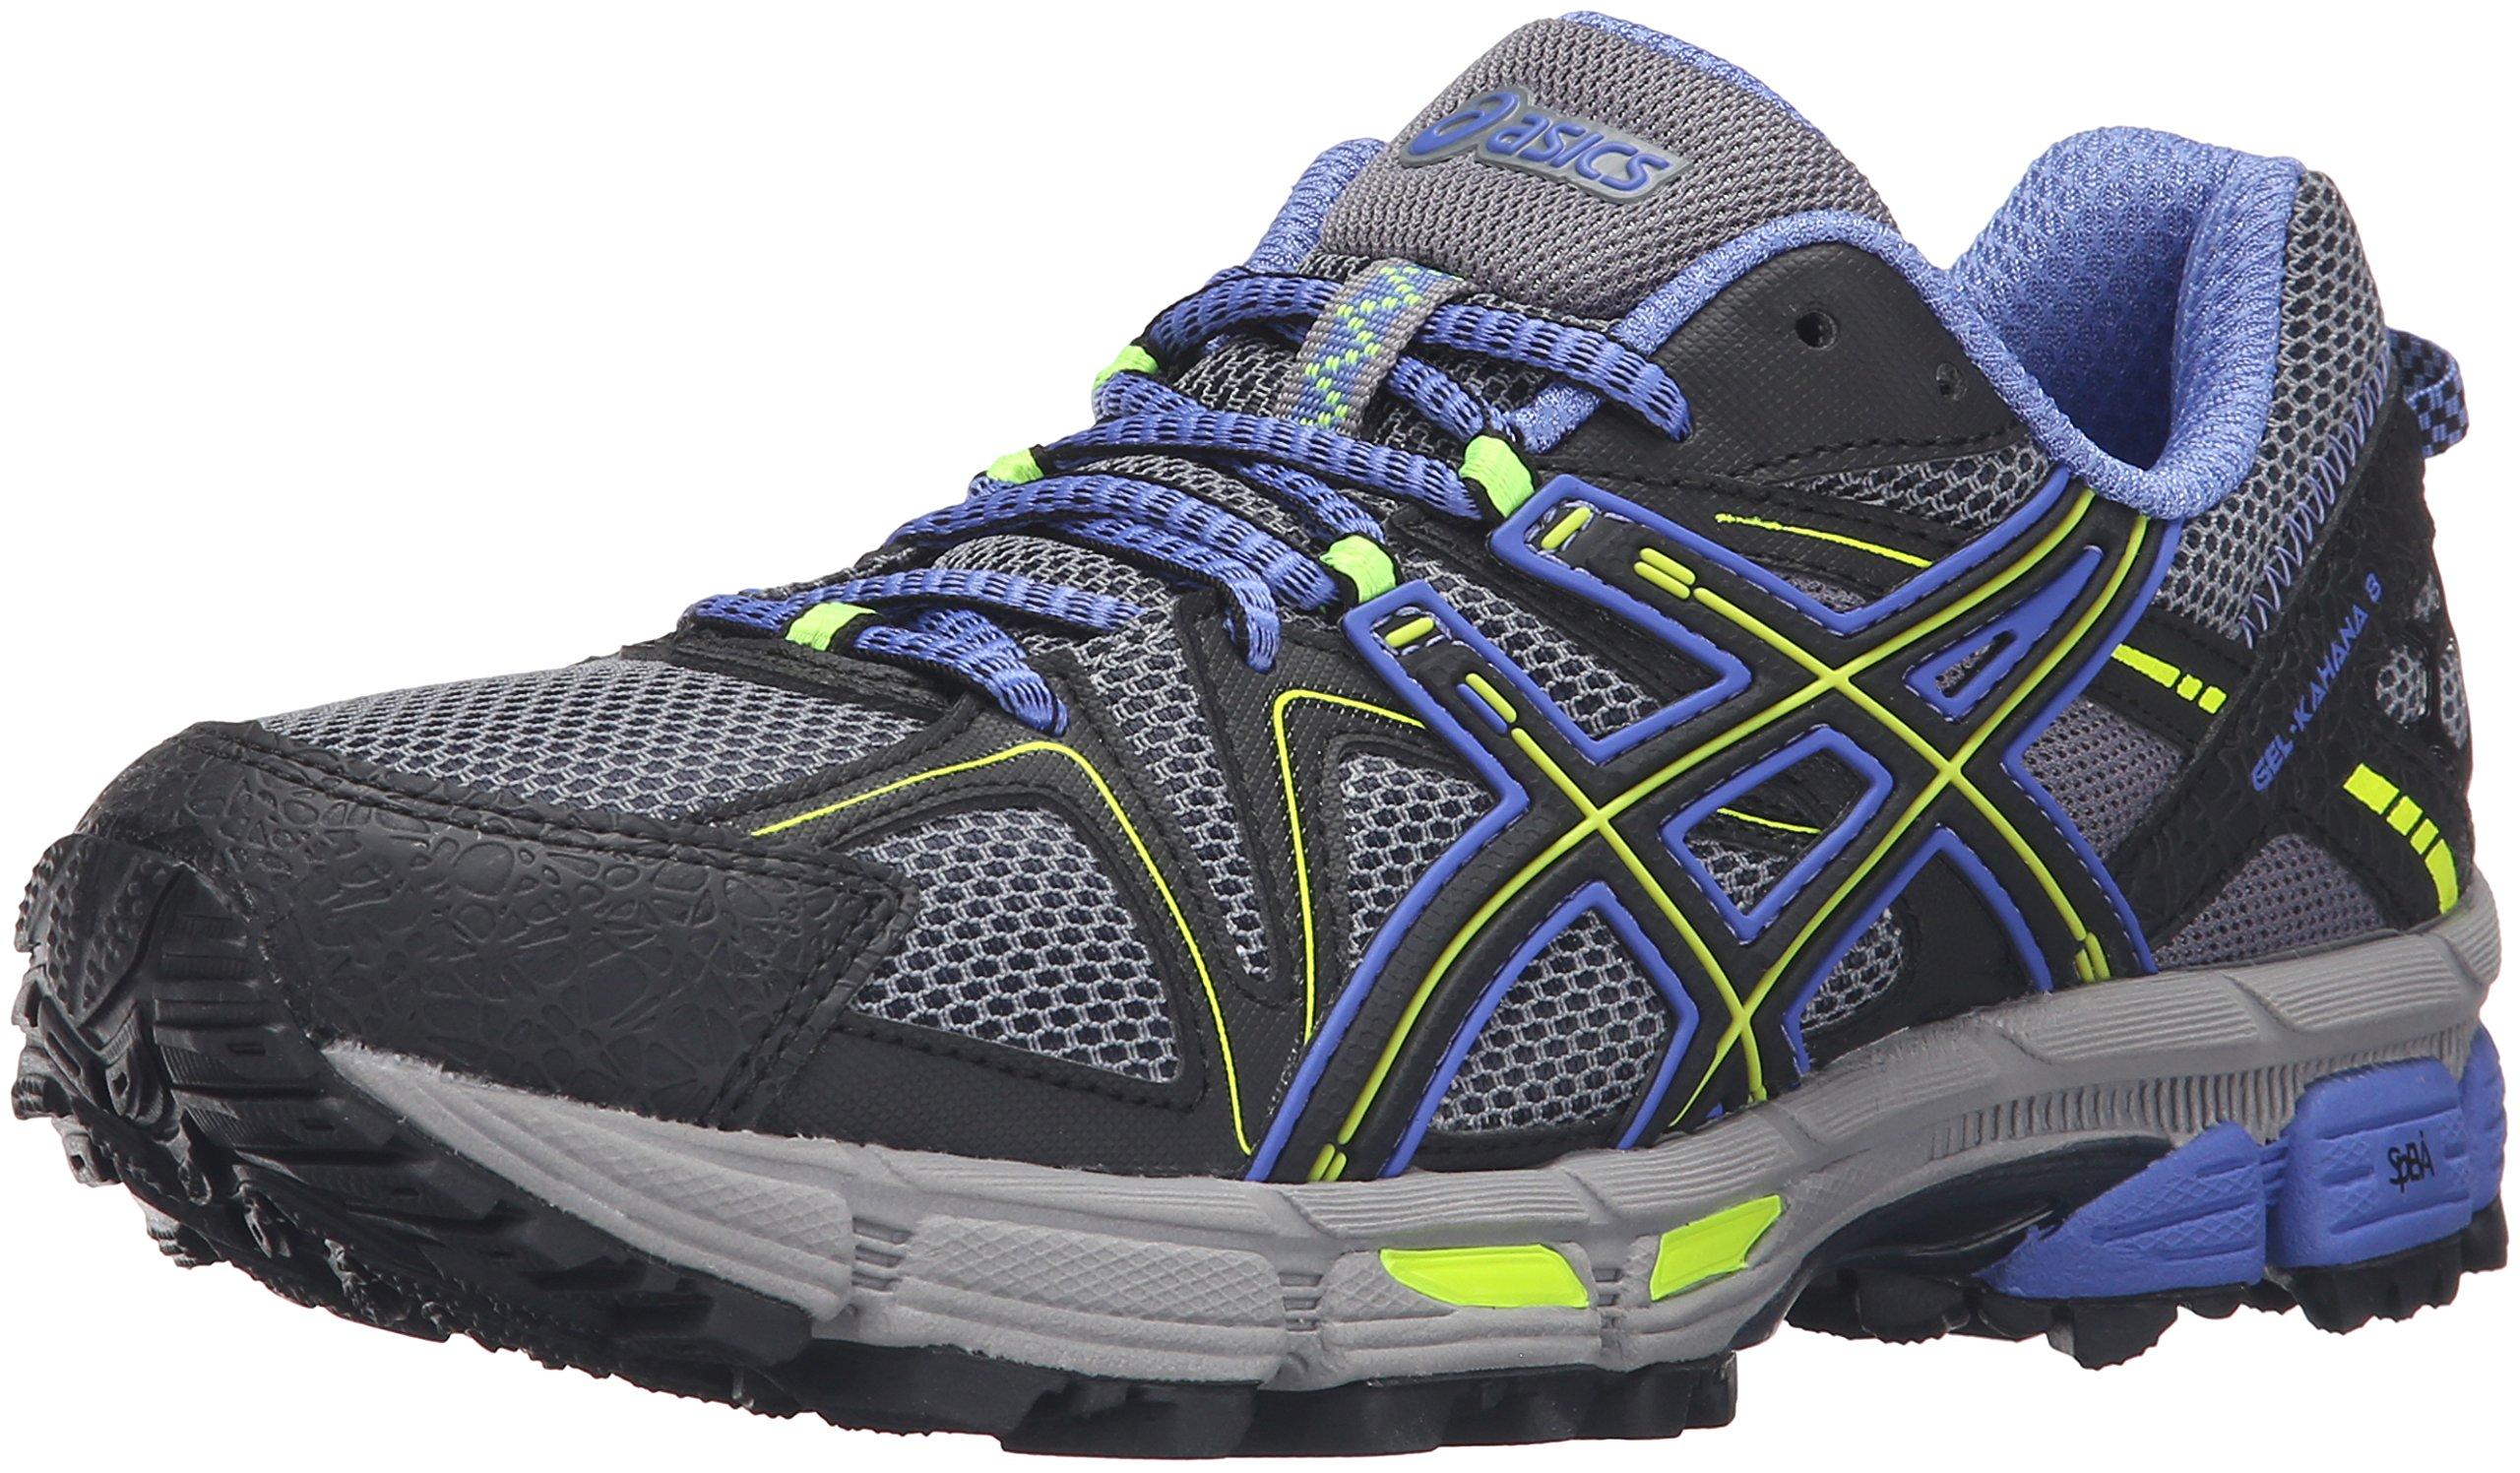 ASICS Women's Gel-Kahana 8 Trail Runner, Aluminum/Black/Flash Yellow, 7 M US by ASICS